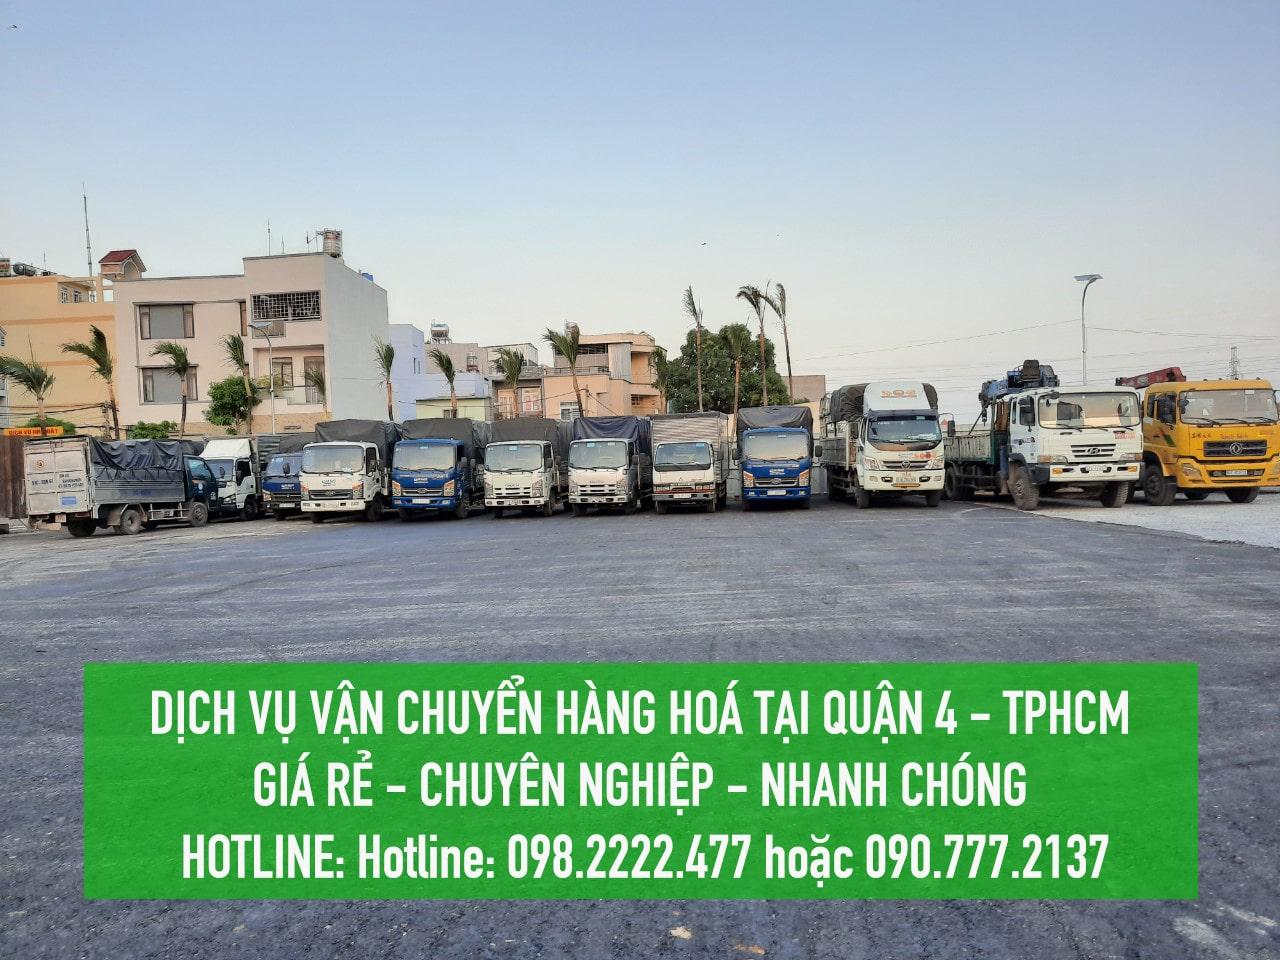 Dịch vụ vận chuyển hàng hoá Quận 4 GIÁ RẺ - Lâm Sang